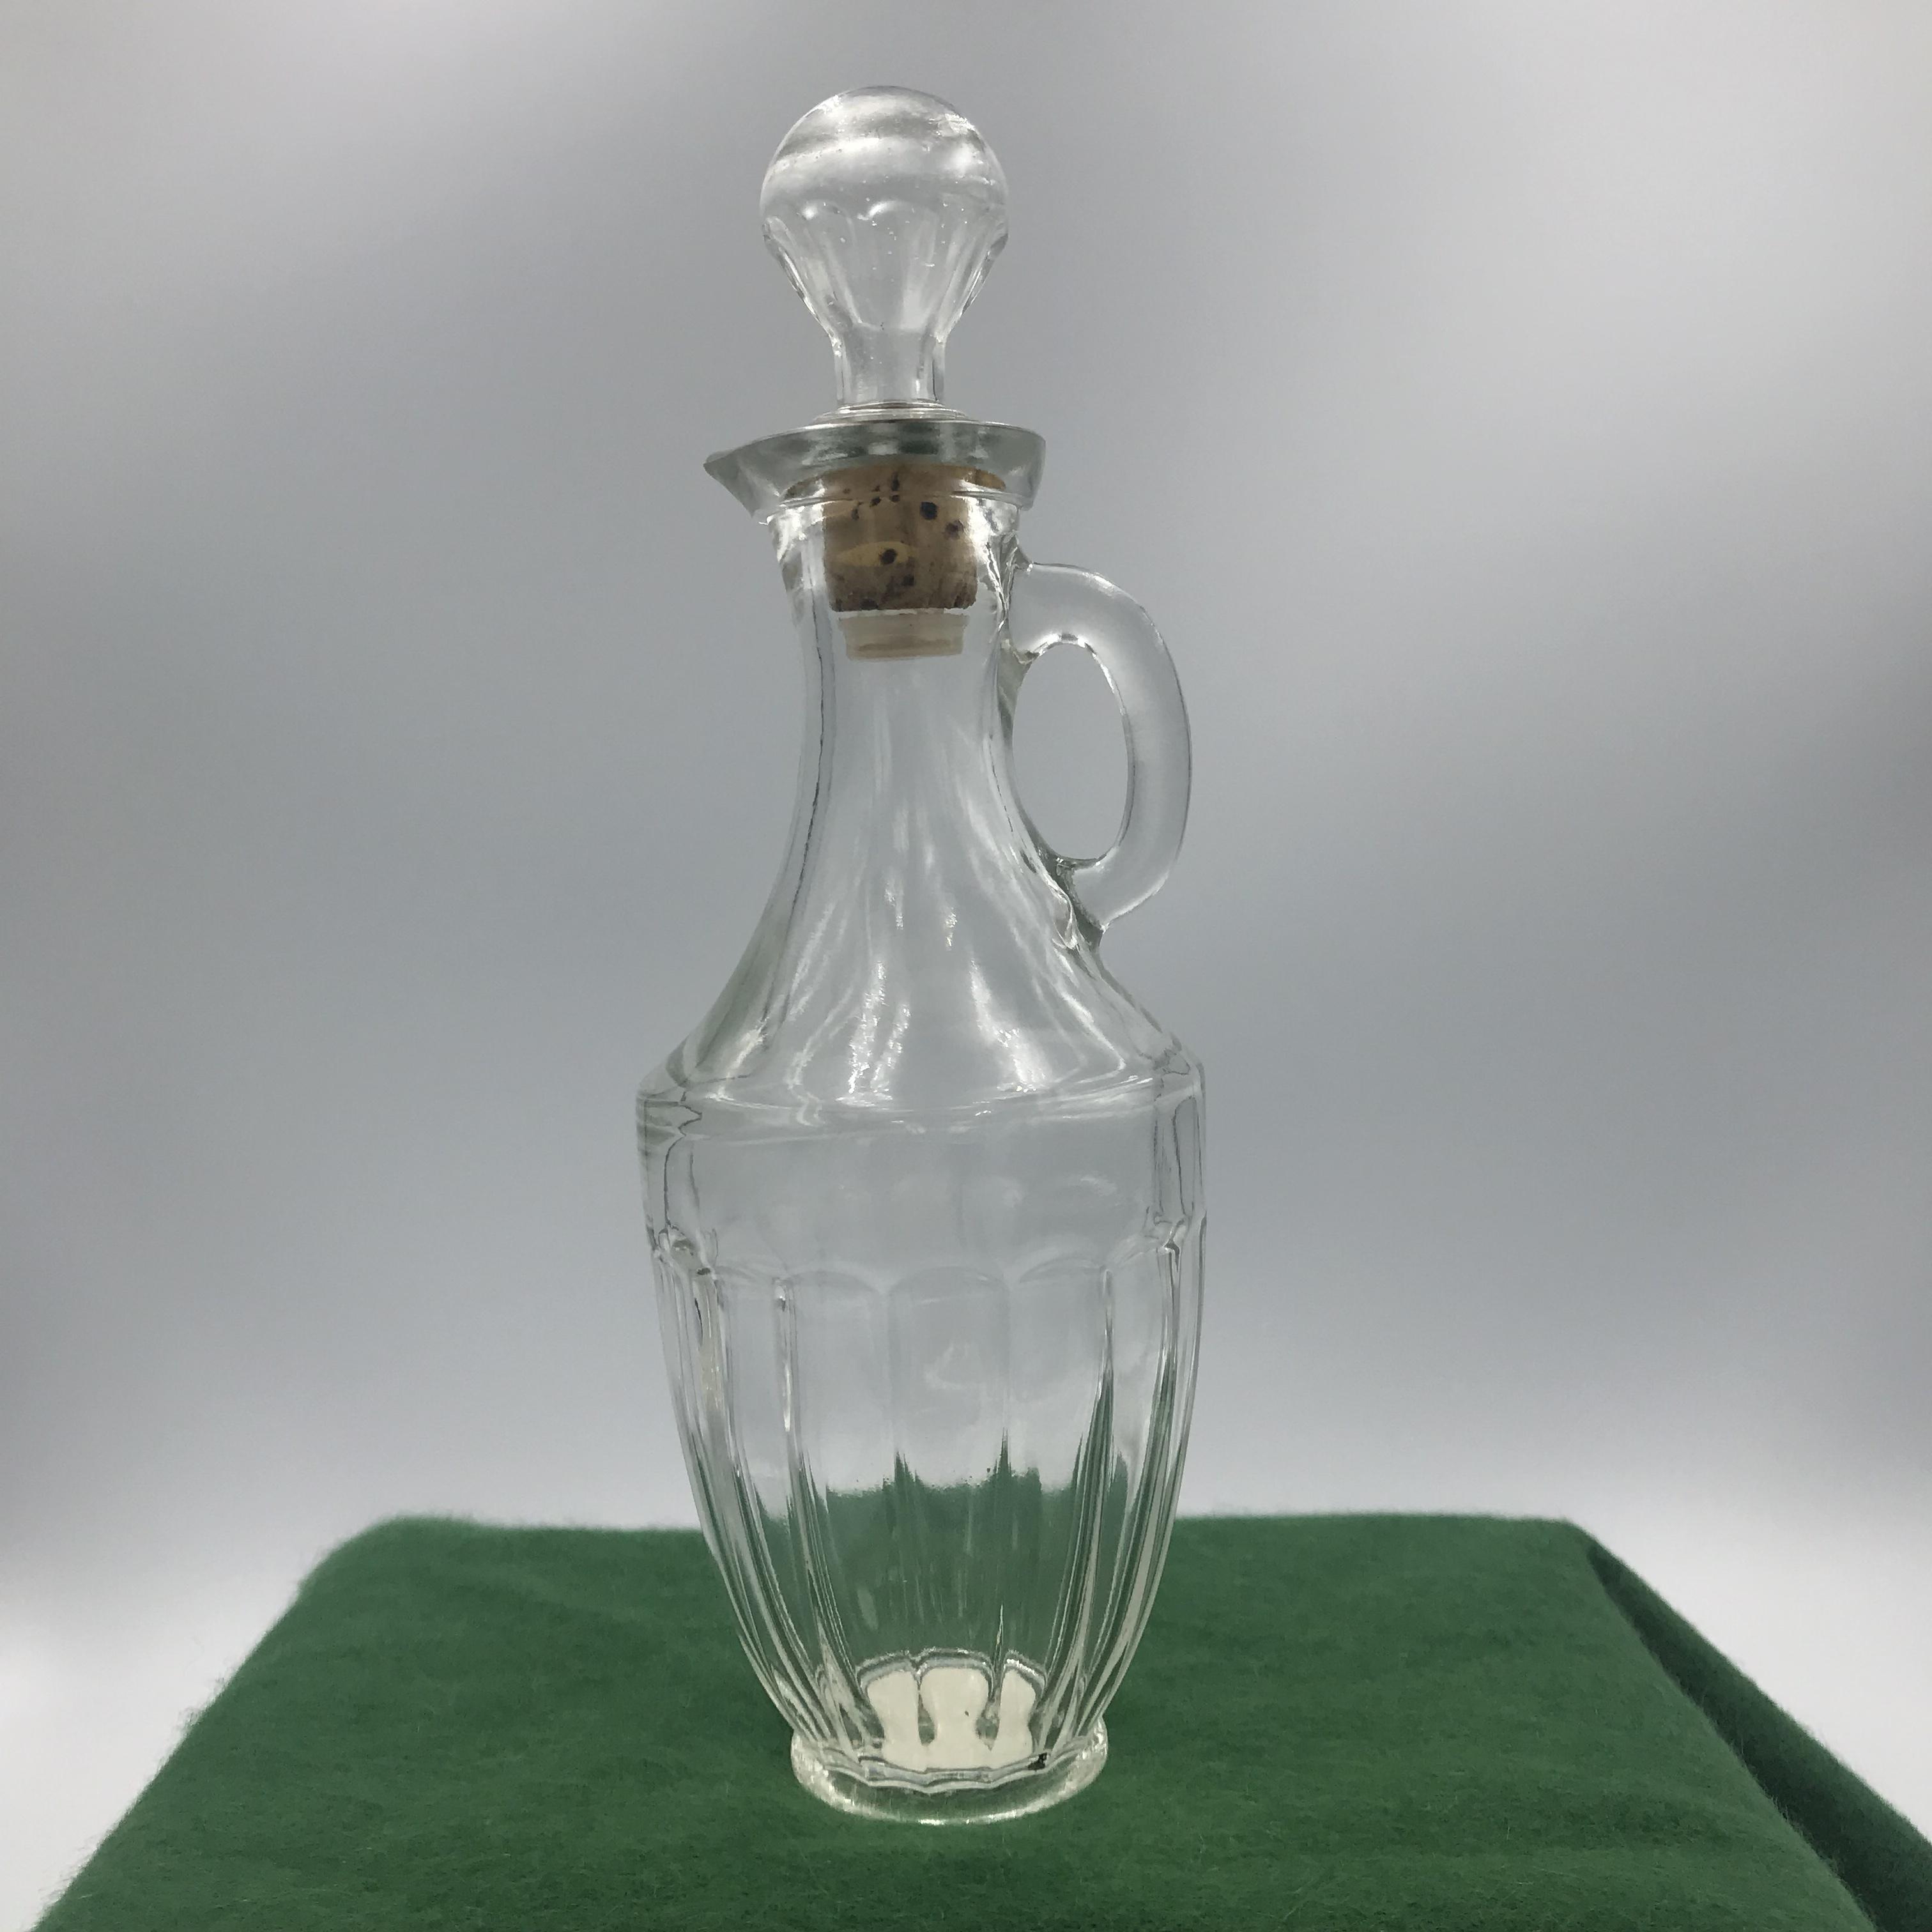 ヴィンテージAvon バスオイル瓶